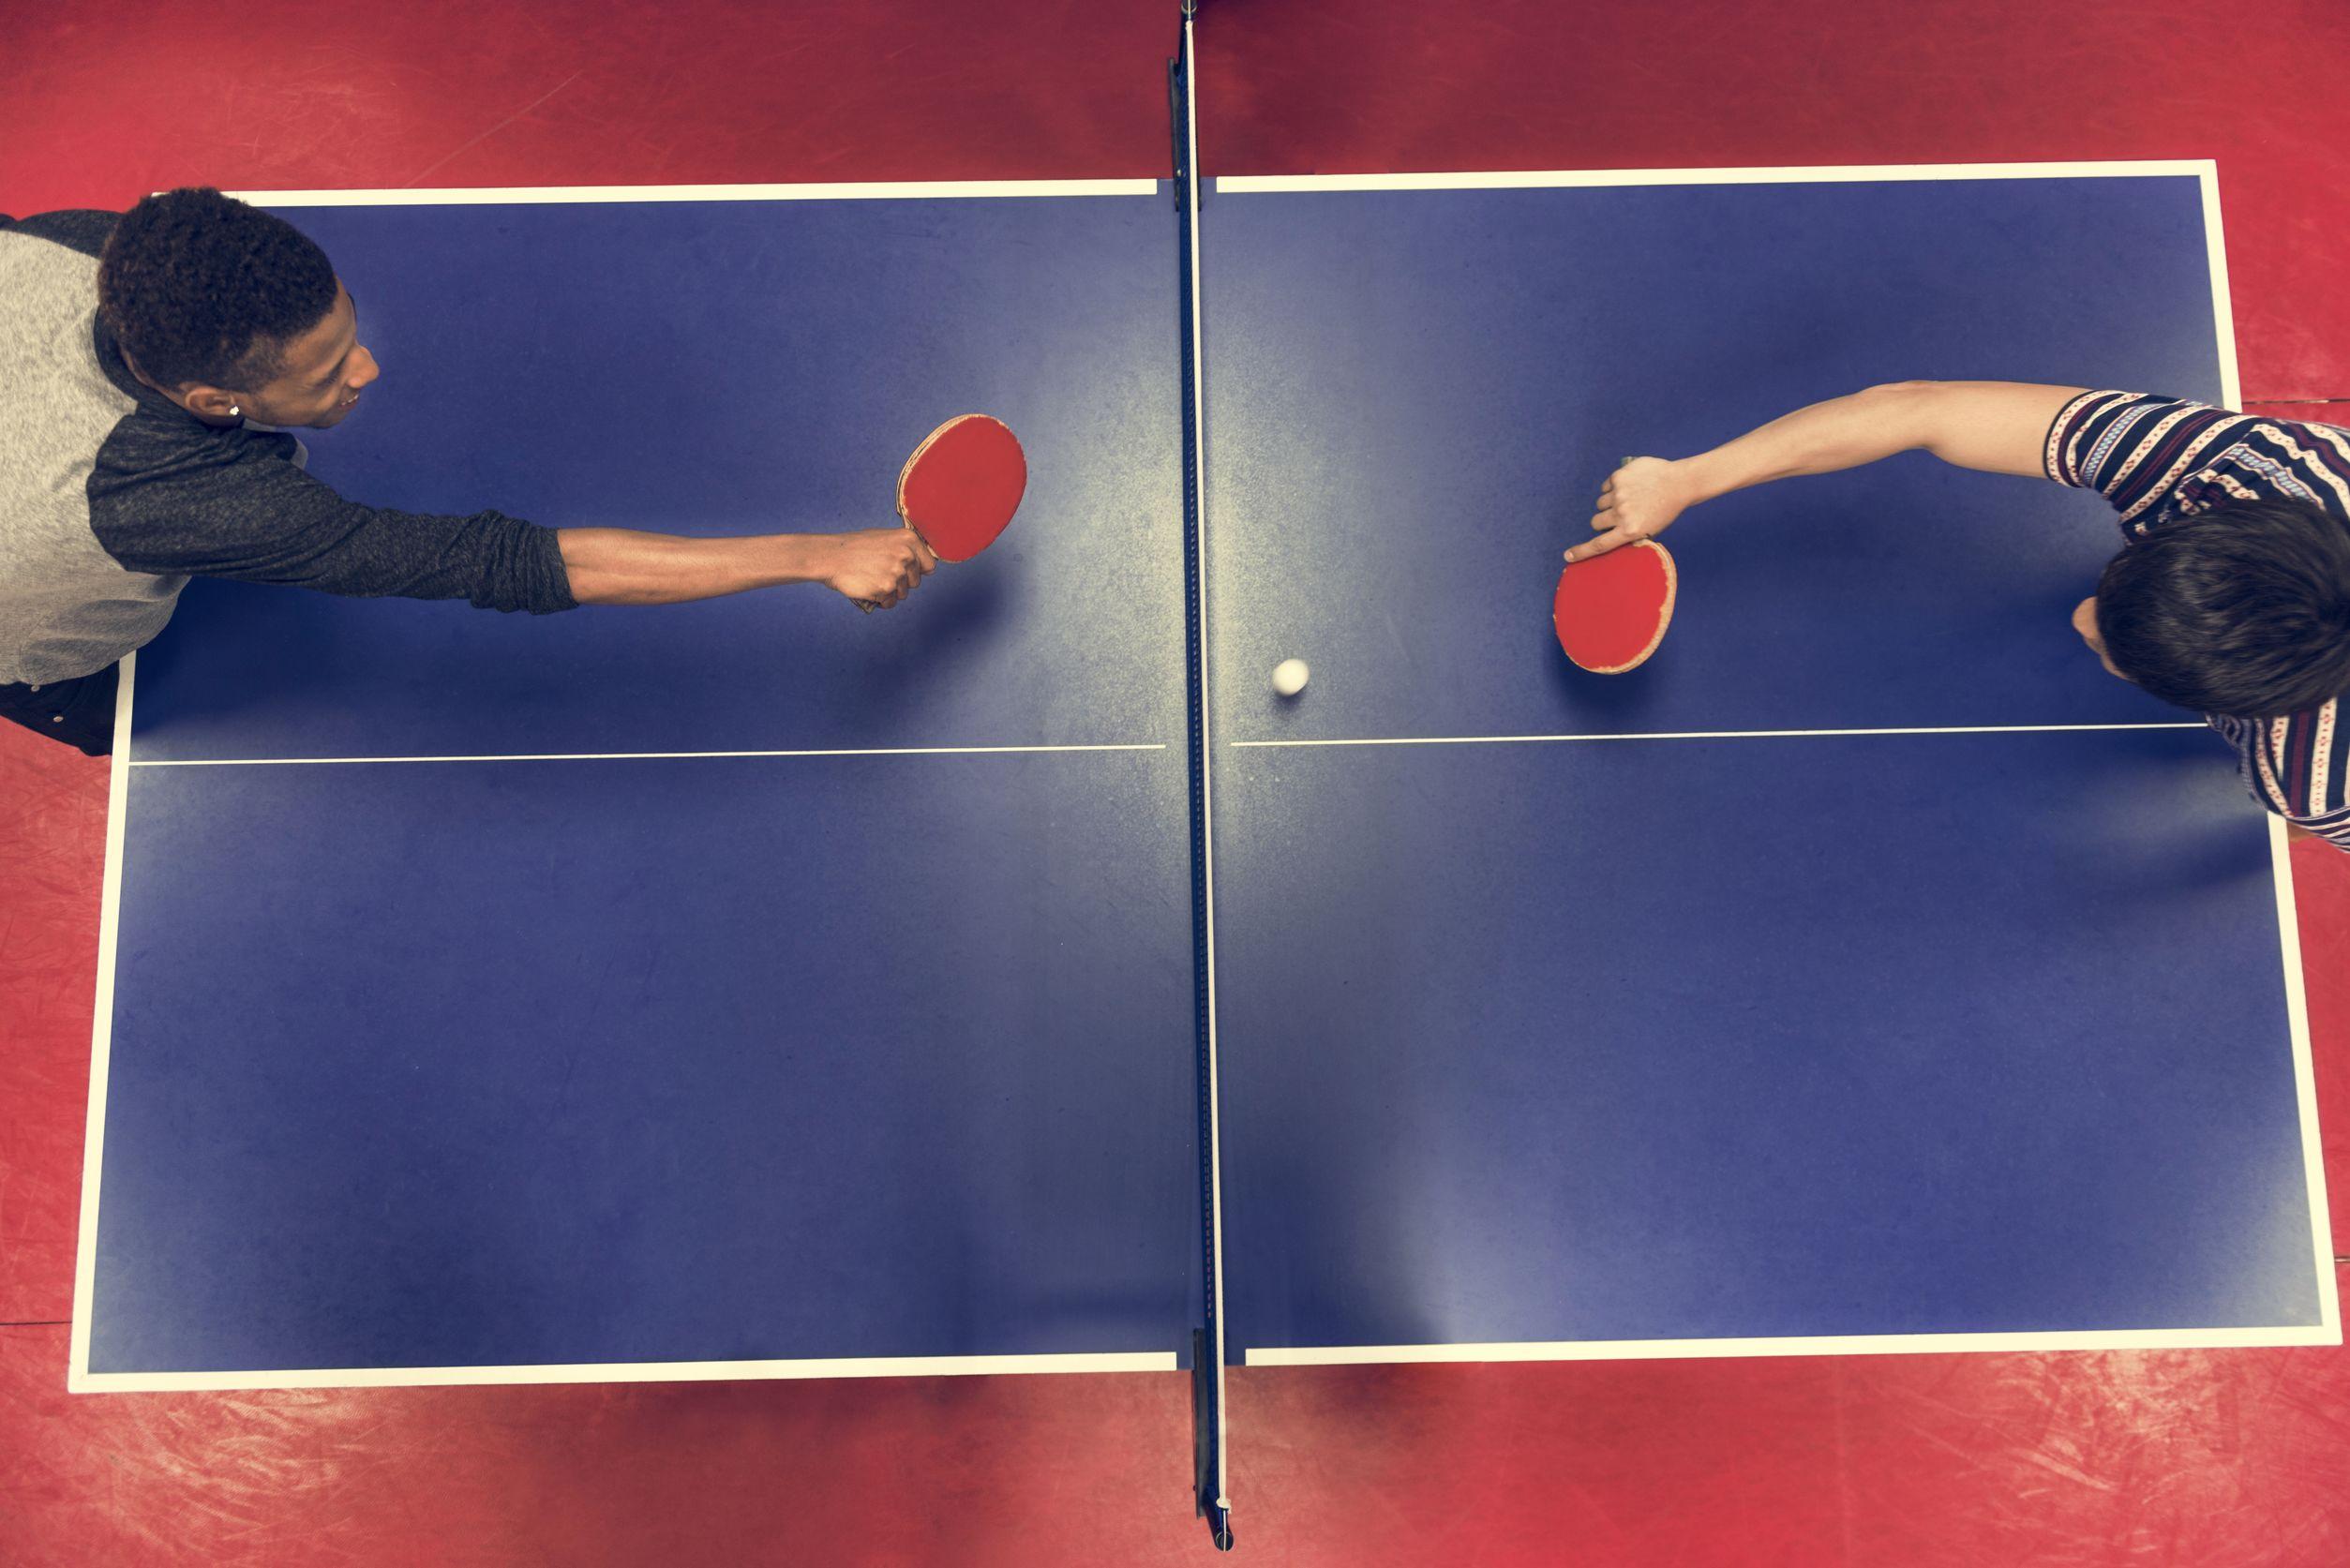 Kettler Tischtennisplatte: Test & Empfehlungen (01/20)